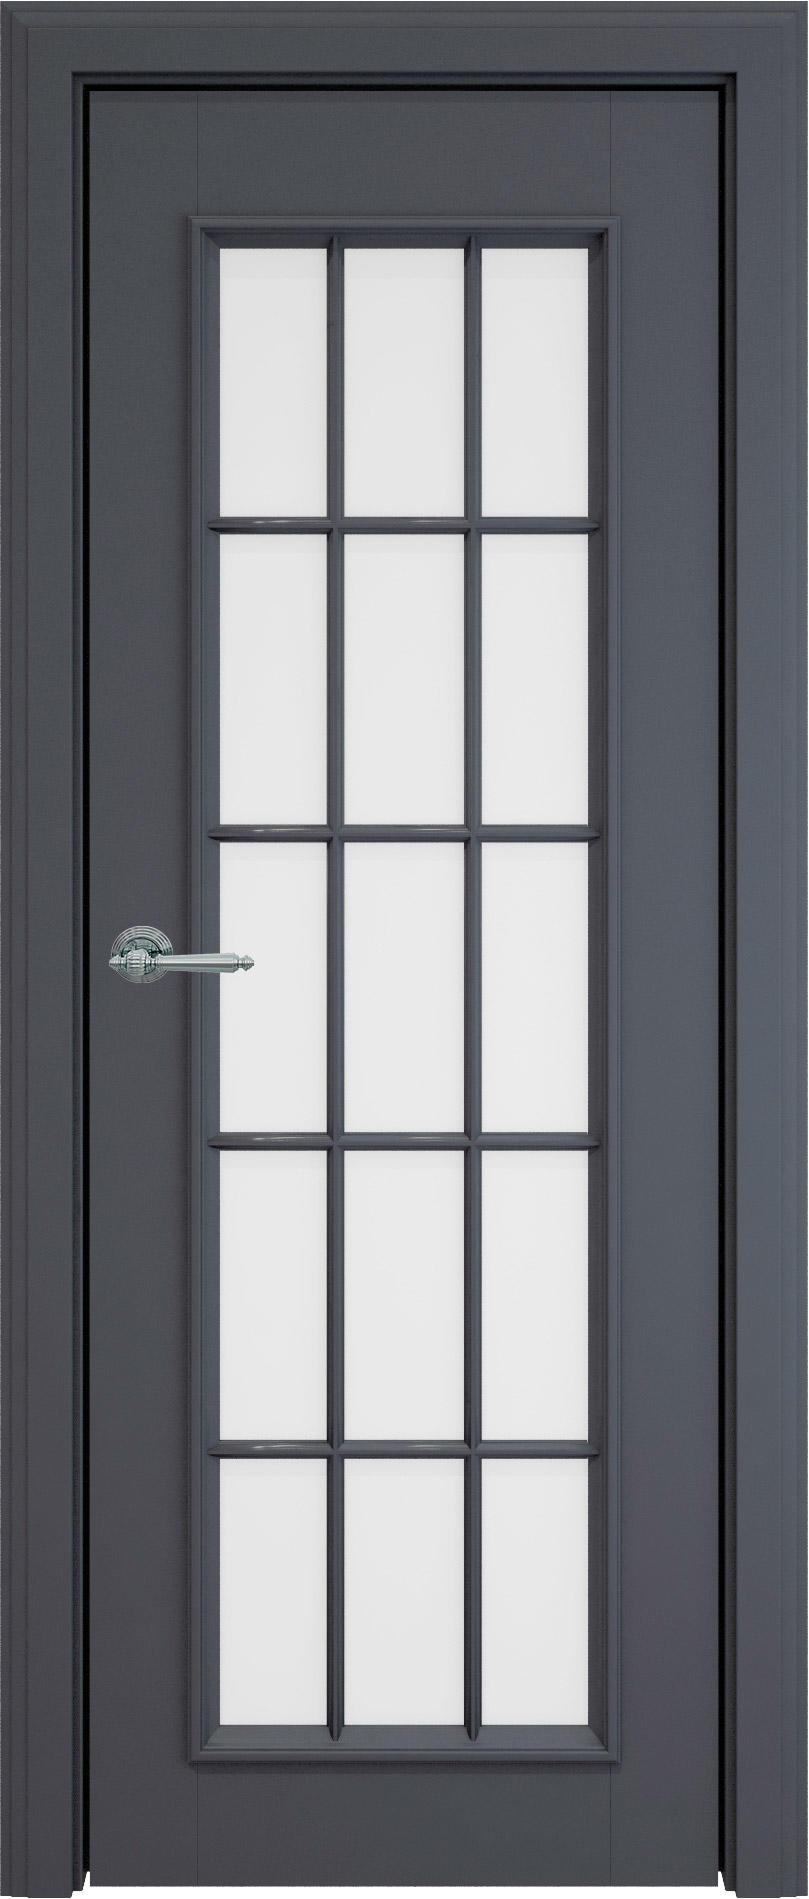 Domenica LUX цвет - Графитово-серая эмаль (RAL 7024) Со стеклом и обрешеткой (ДО-Р)